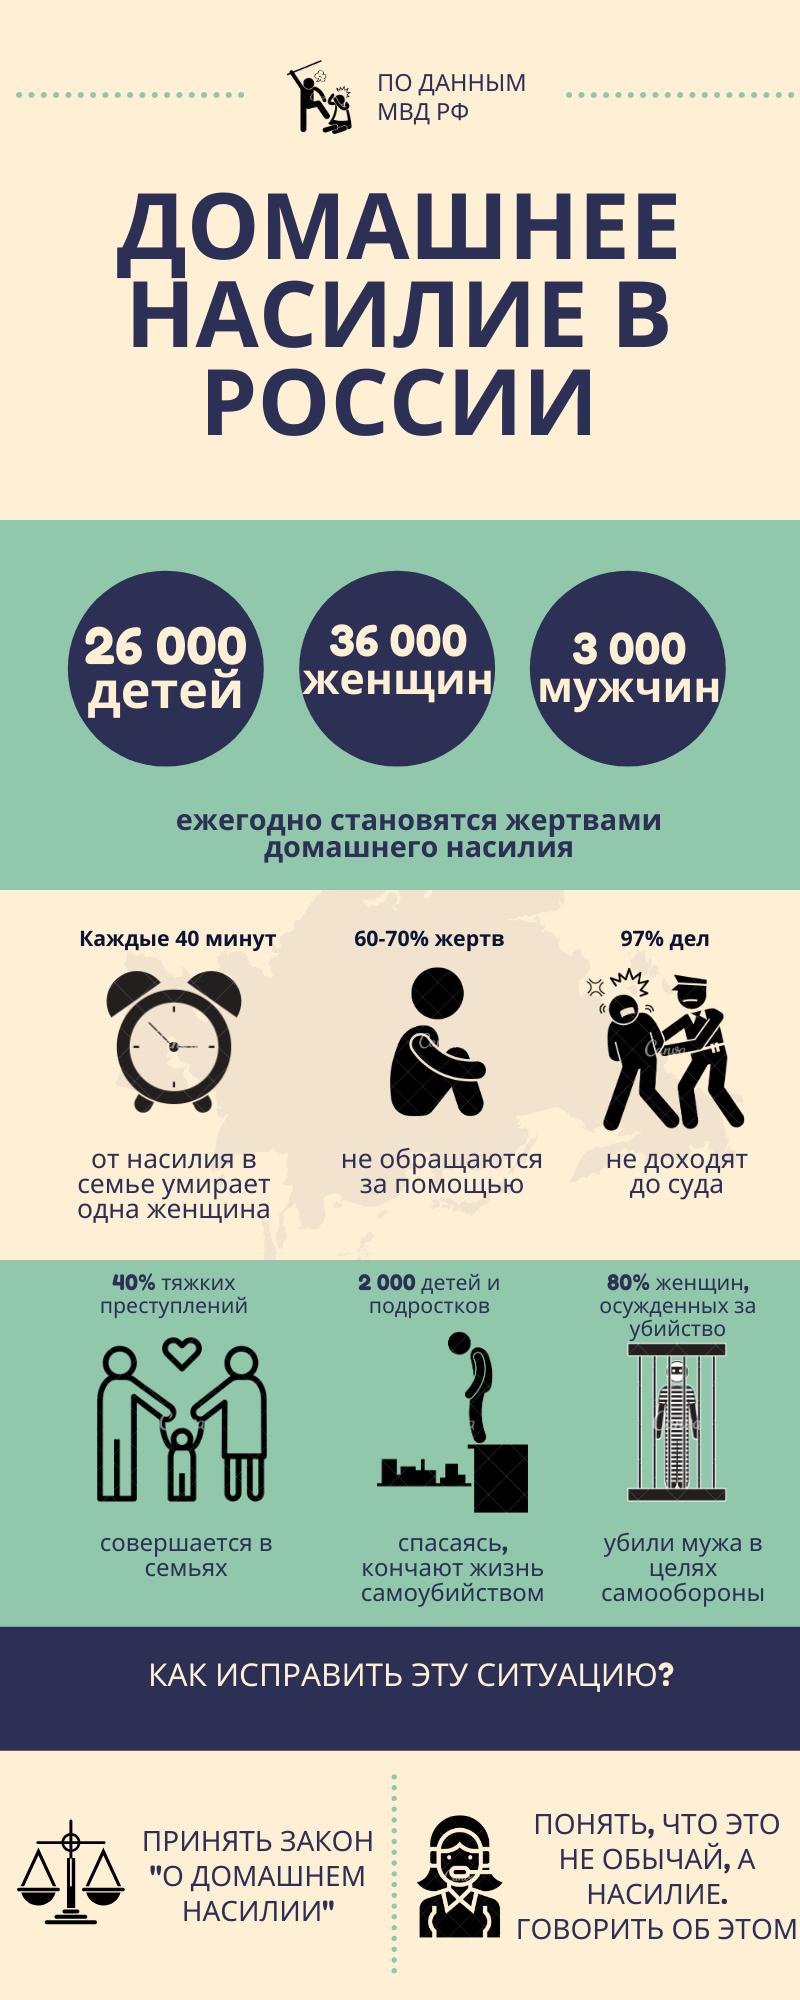 Домашнее насилие в России